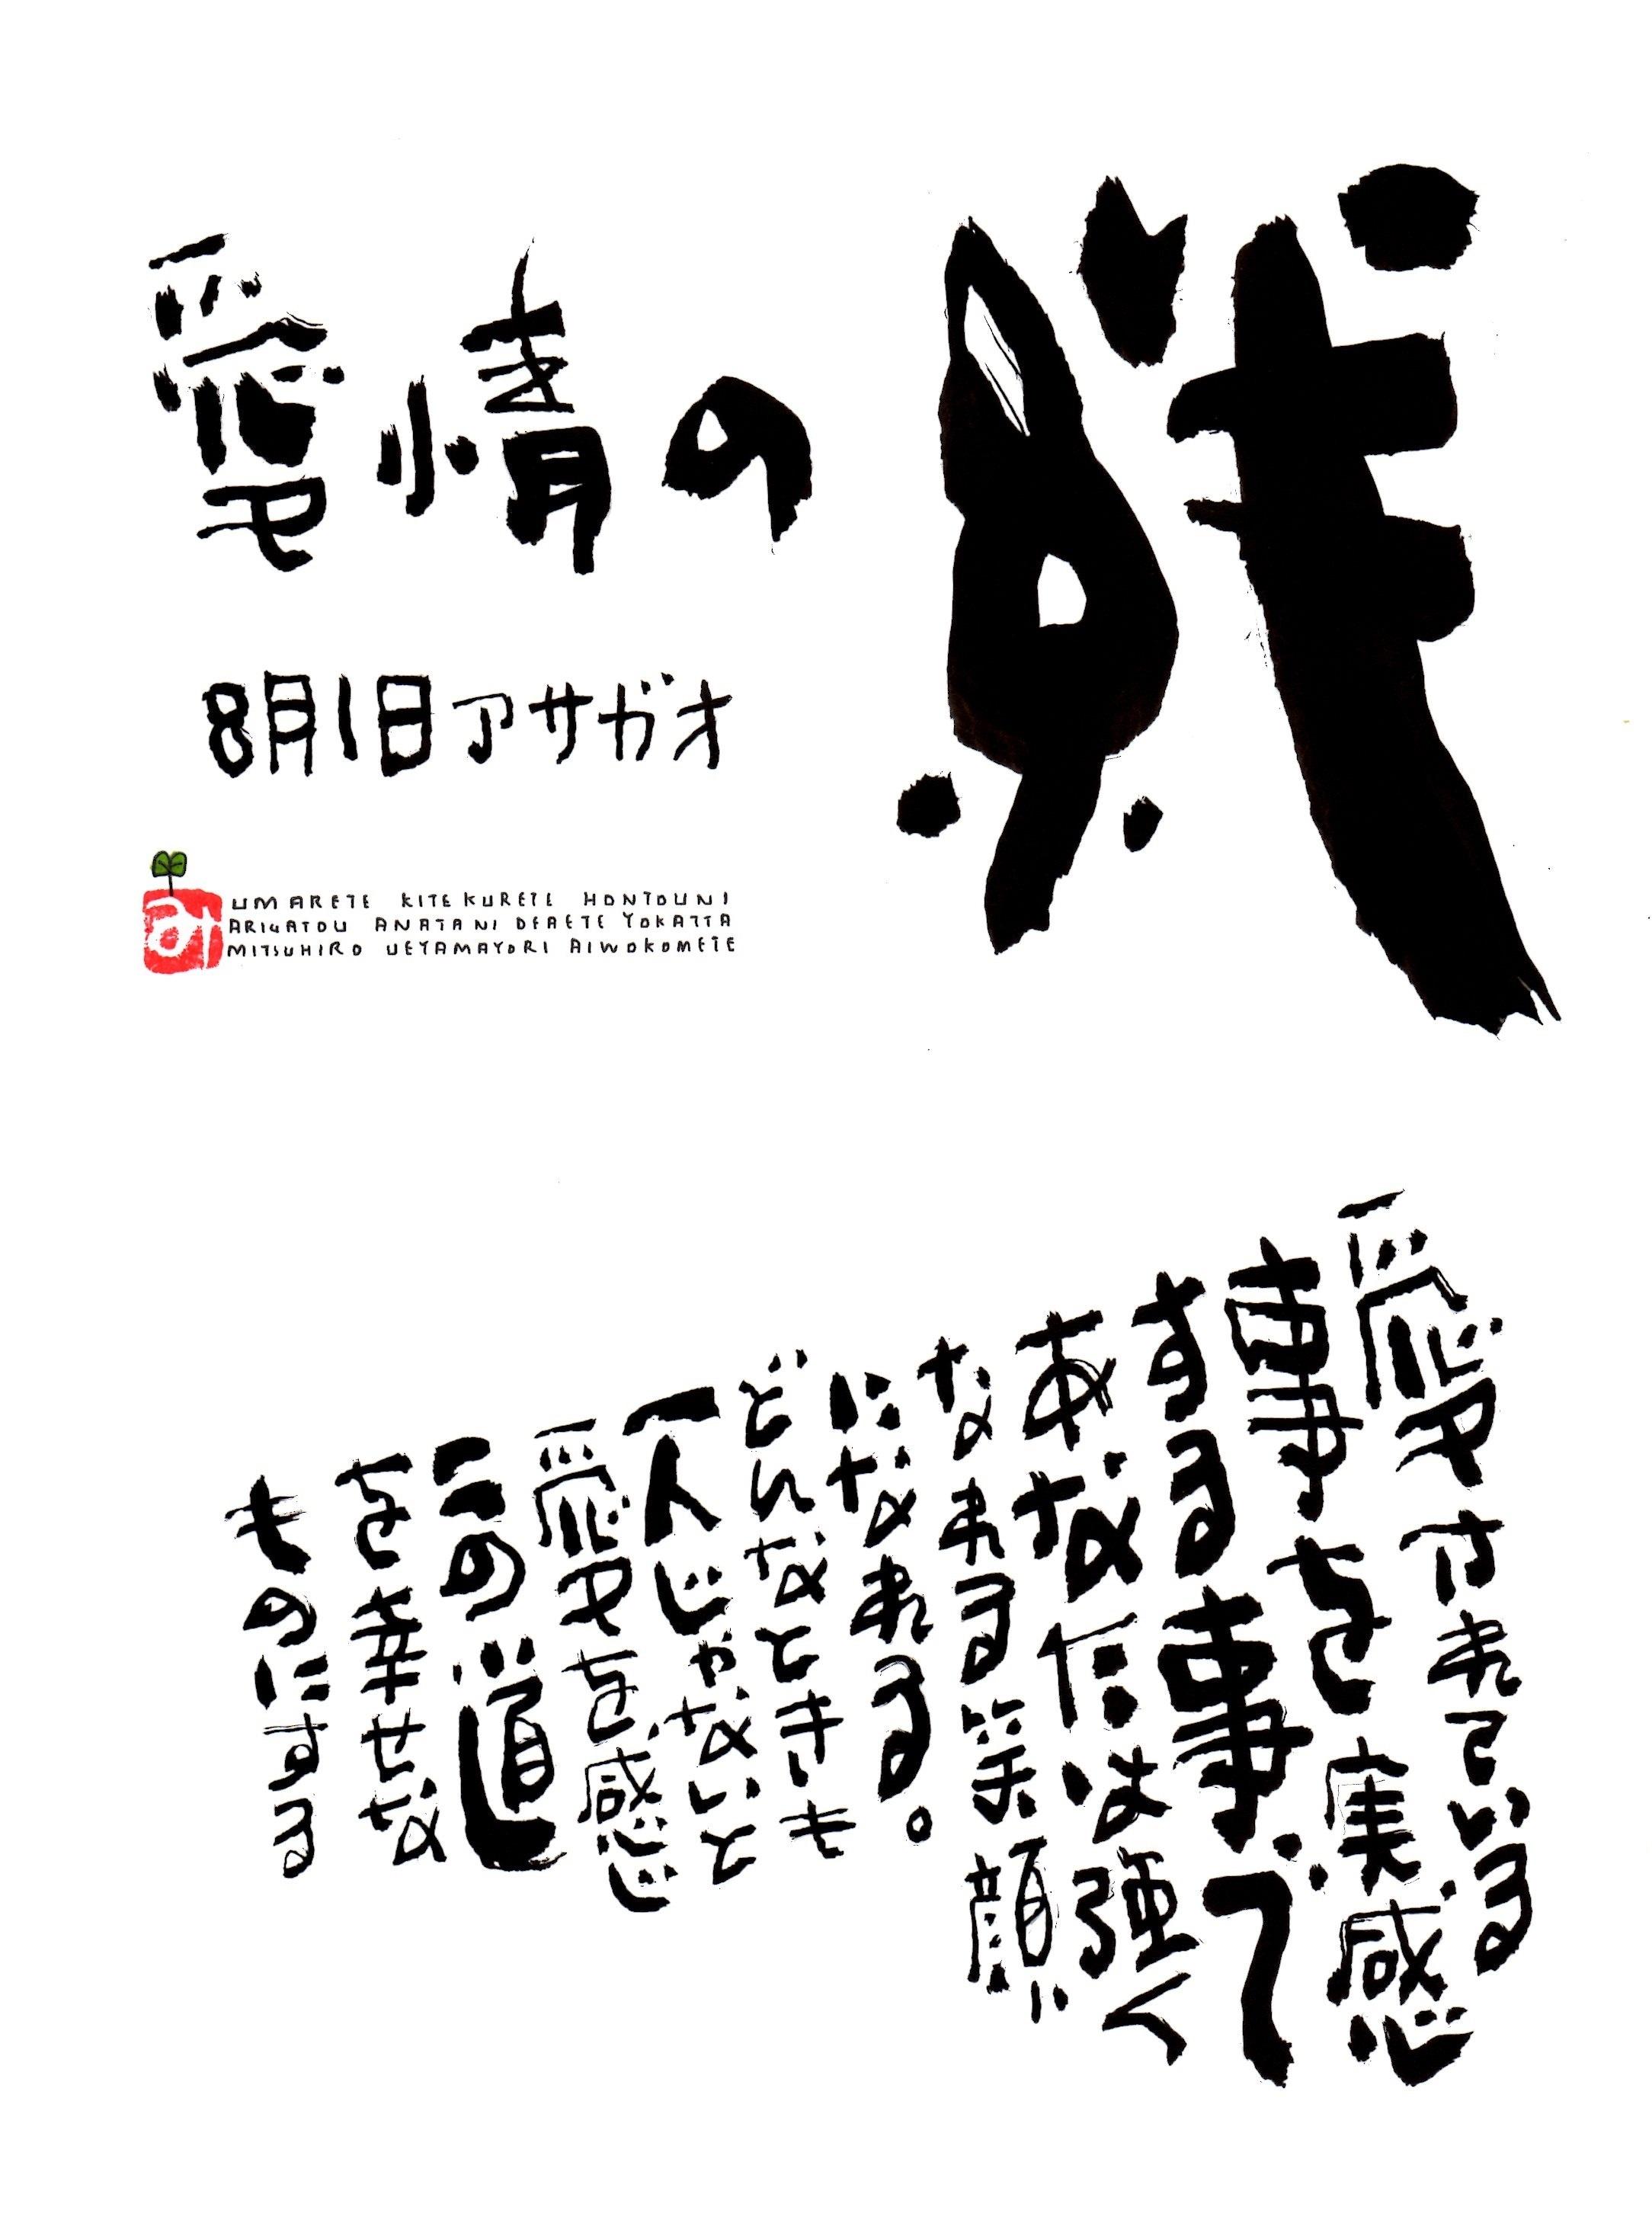 8月1日 誕生日ポストカード【愛情の絆】A bond of affection